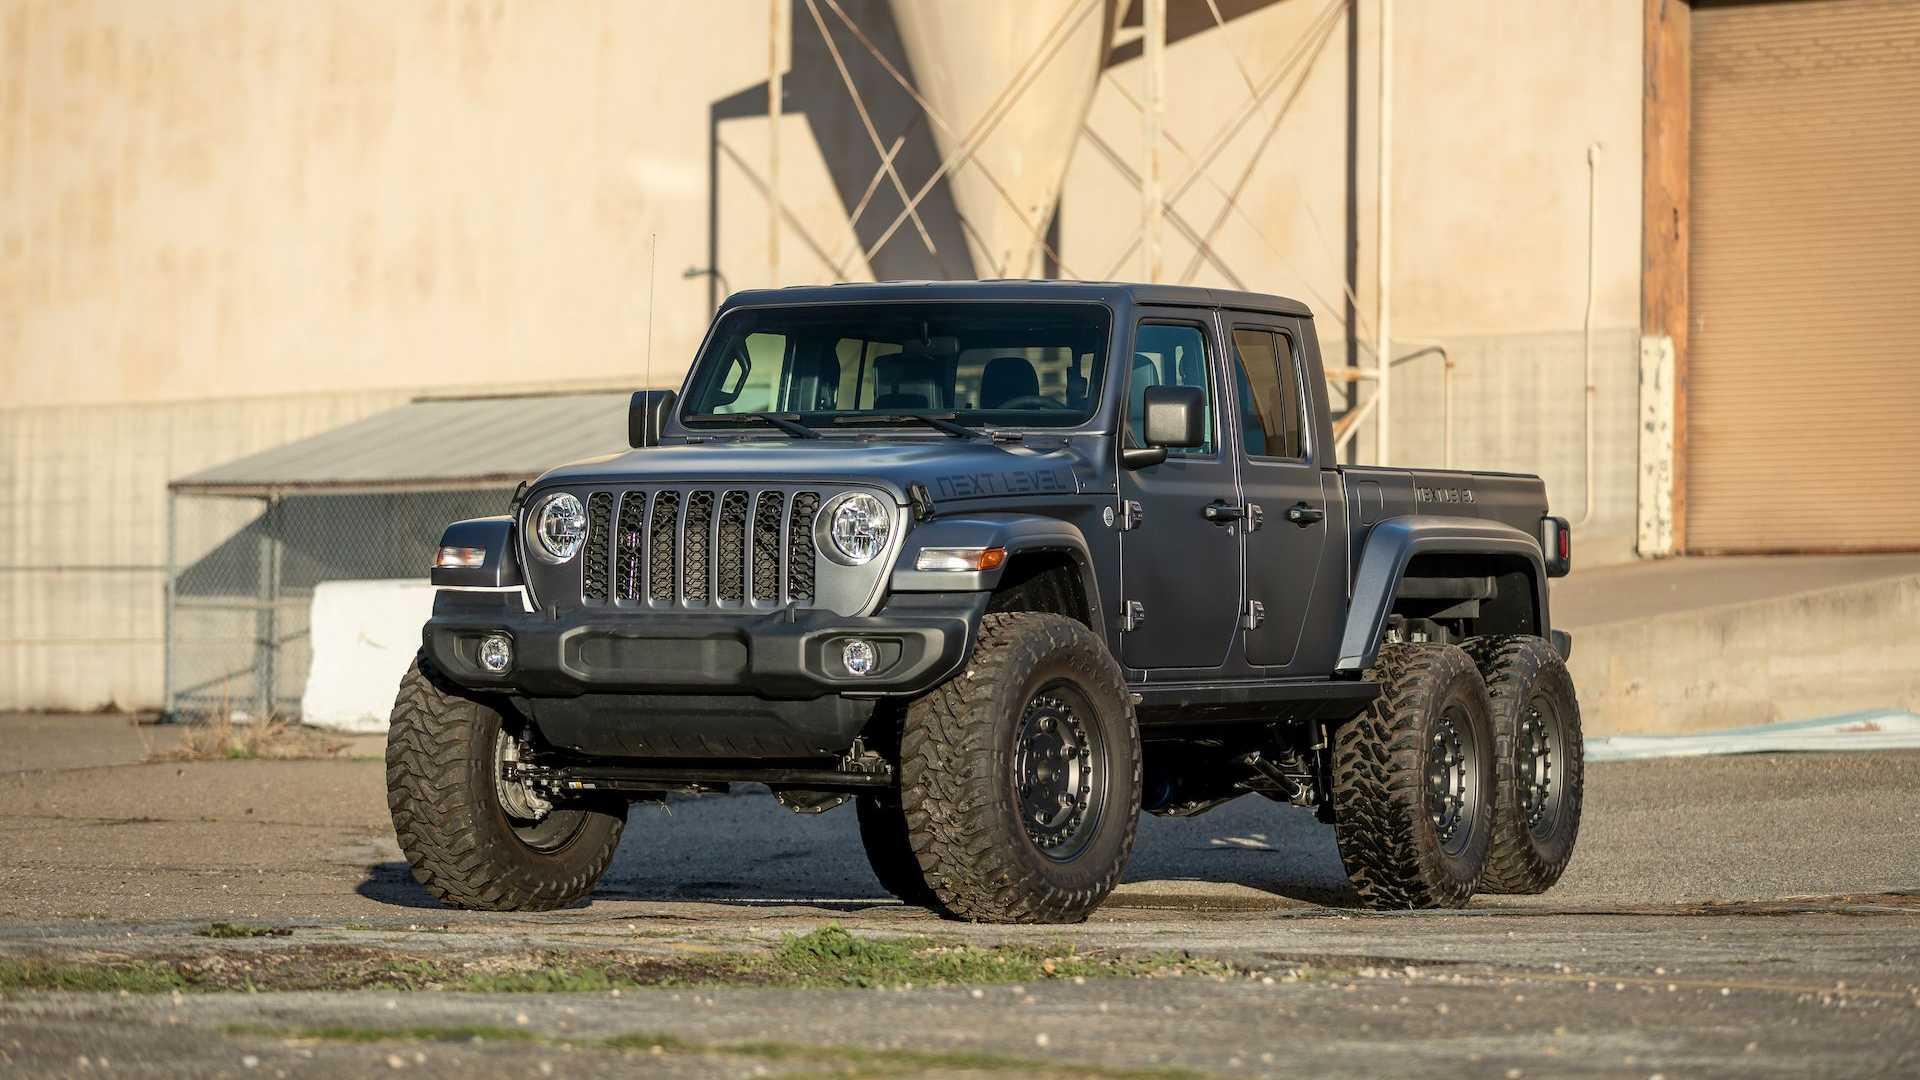 Jeep-Gladiator-6x6-by-Next-Level-2